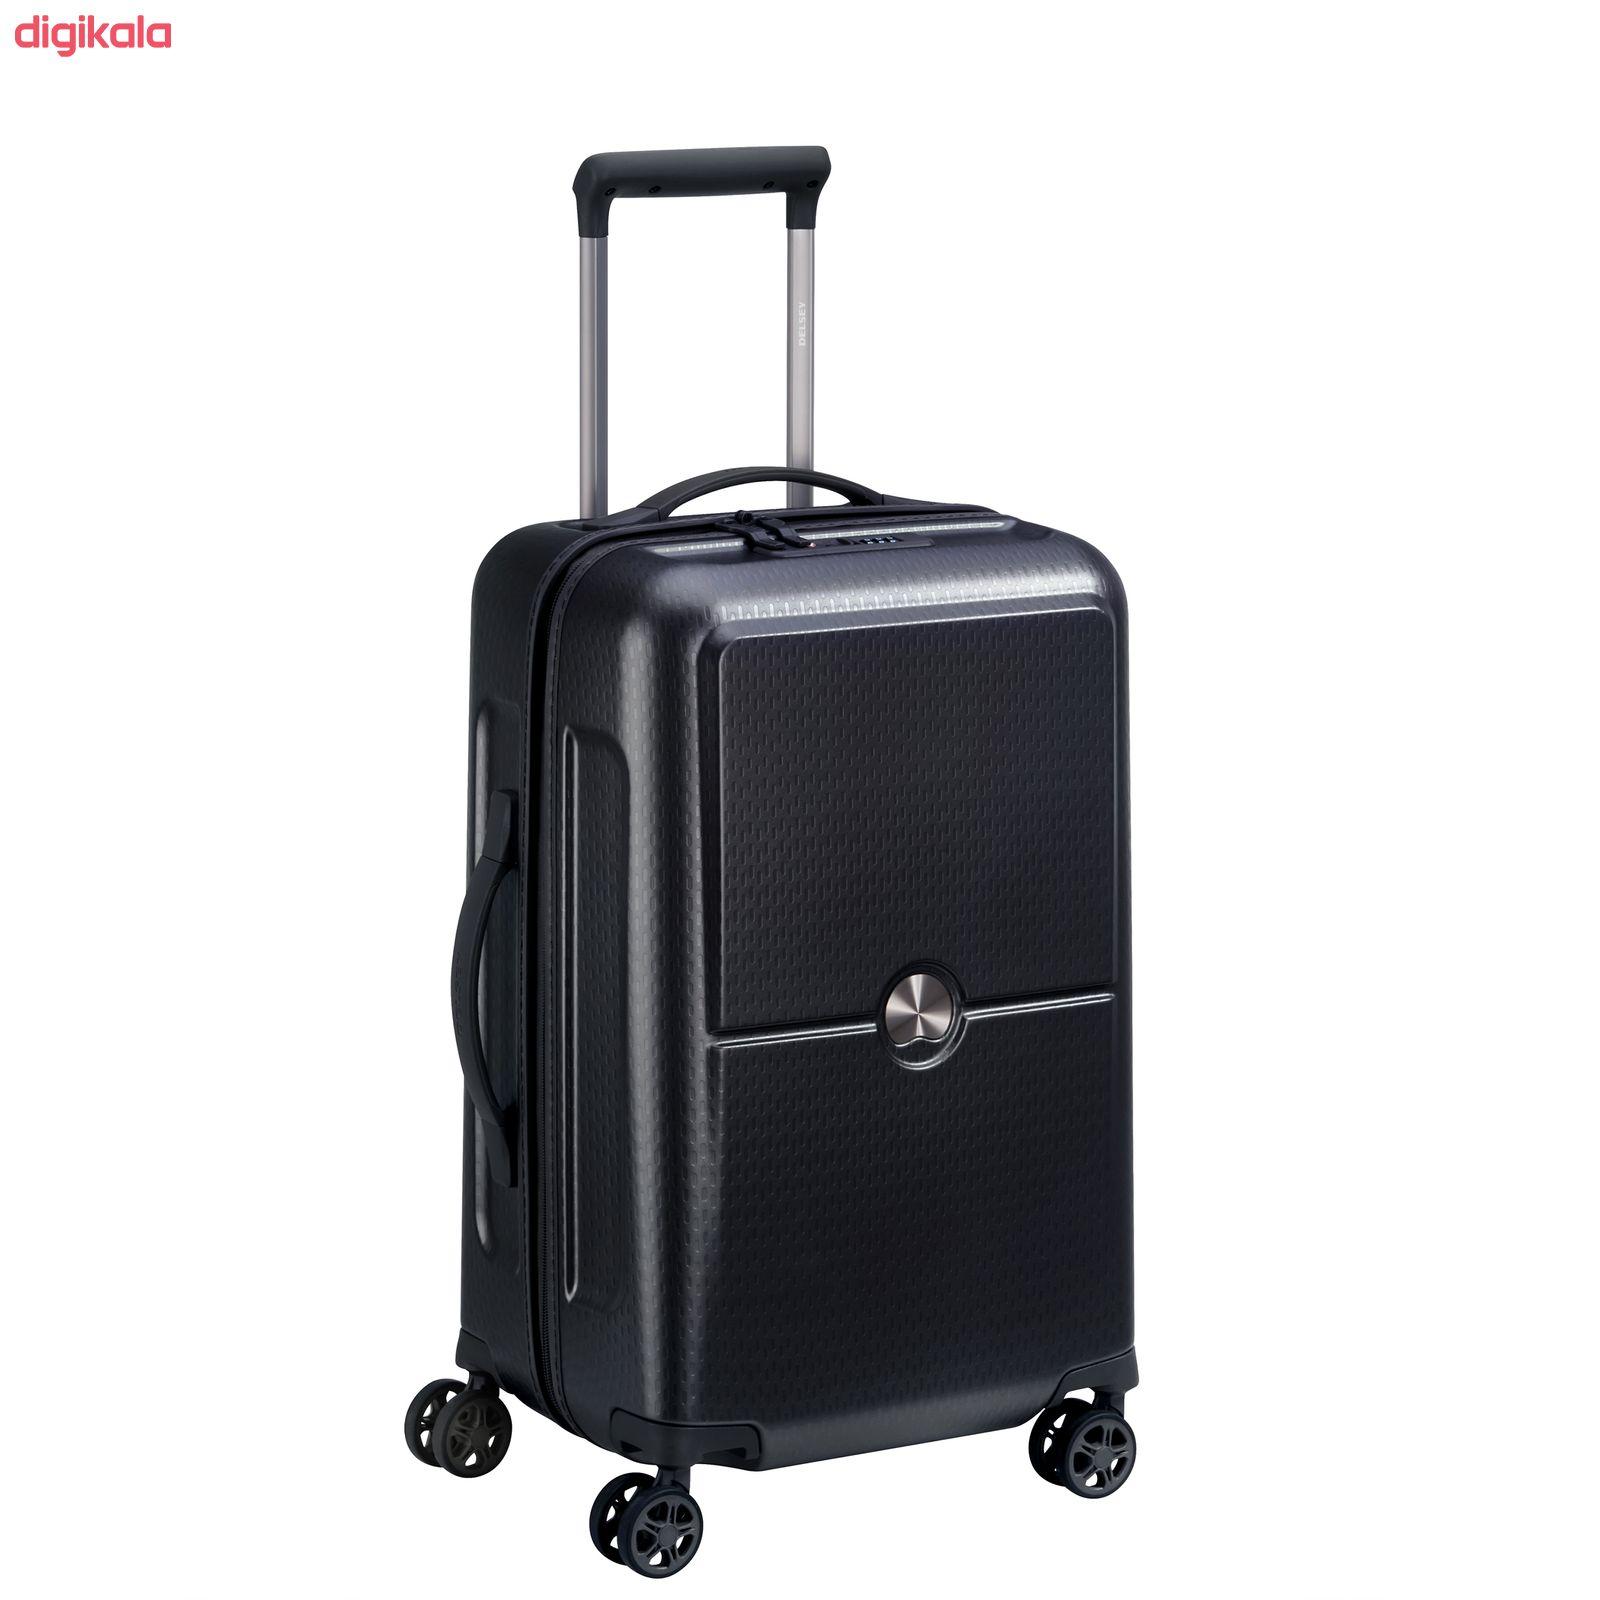 چمدان دلسی مدل TURENNE کد 1621801 سایز کوچک main 1 10